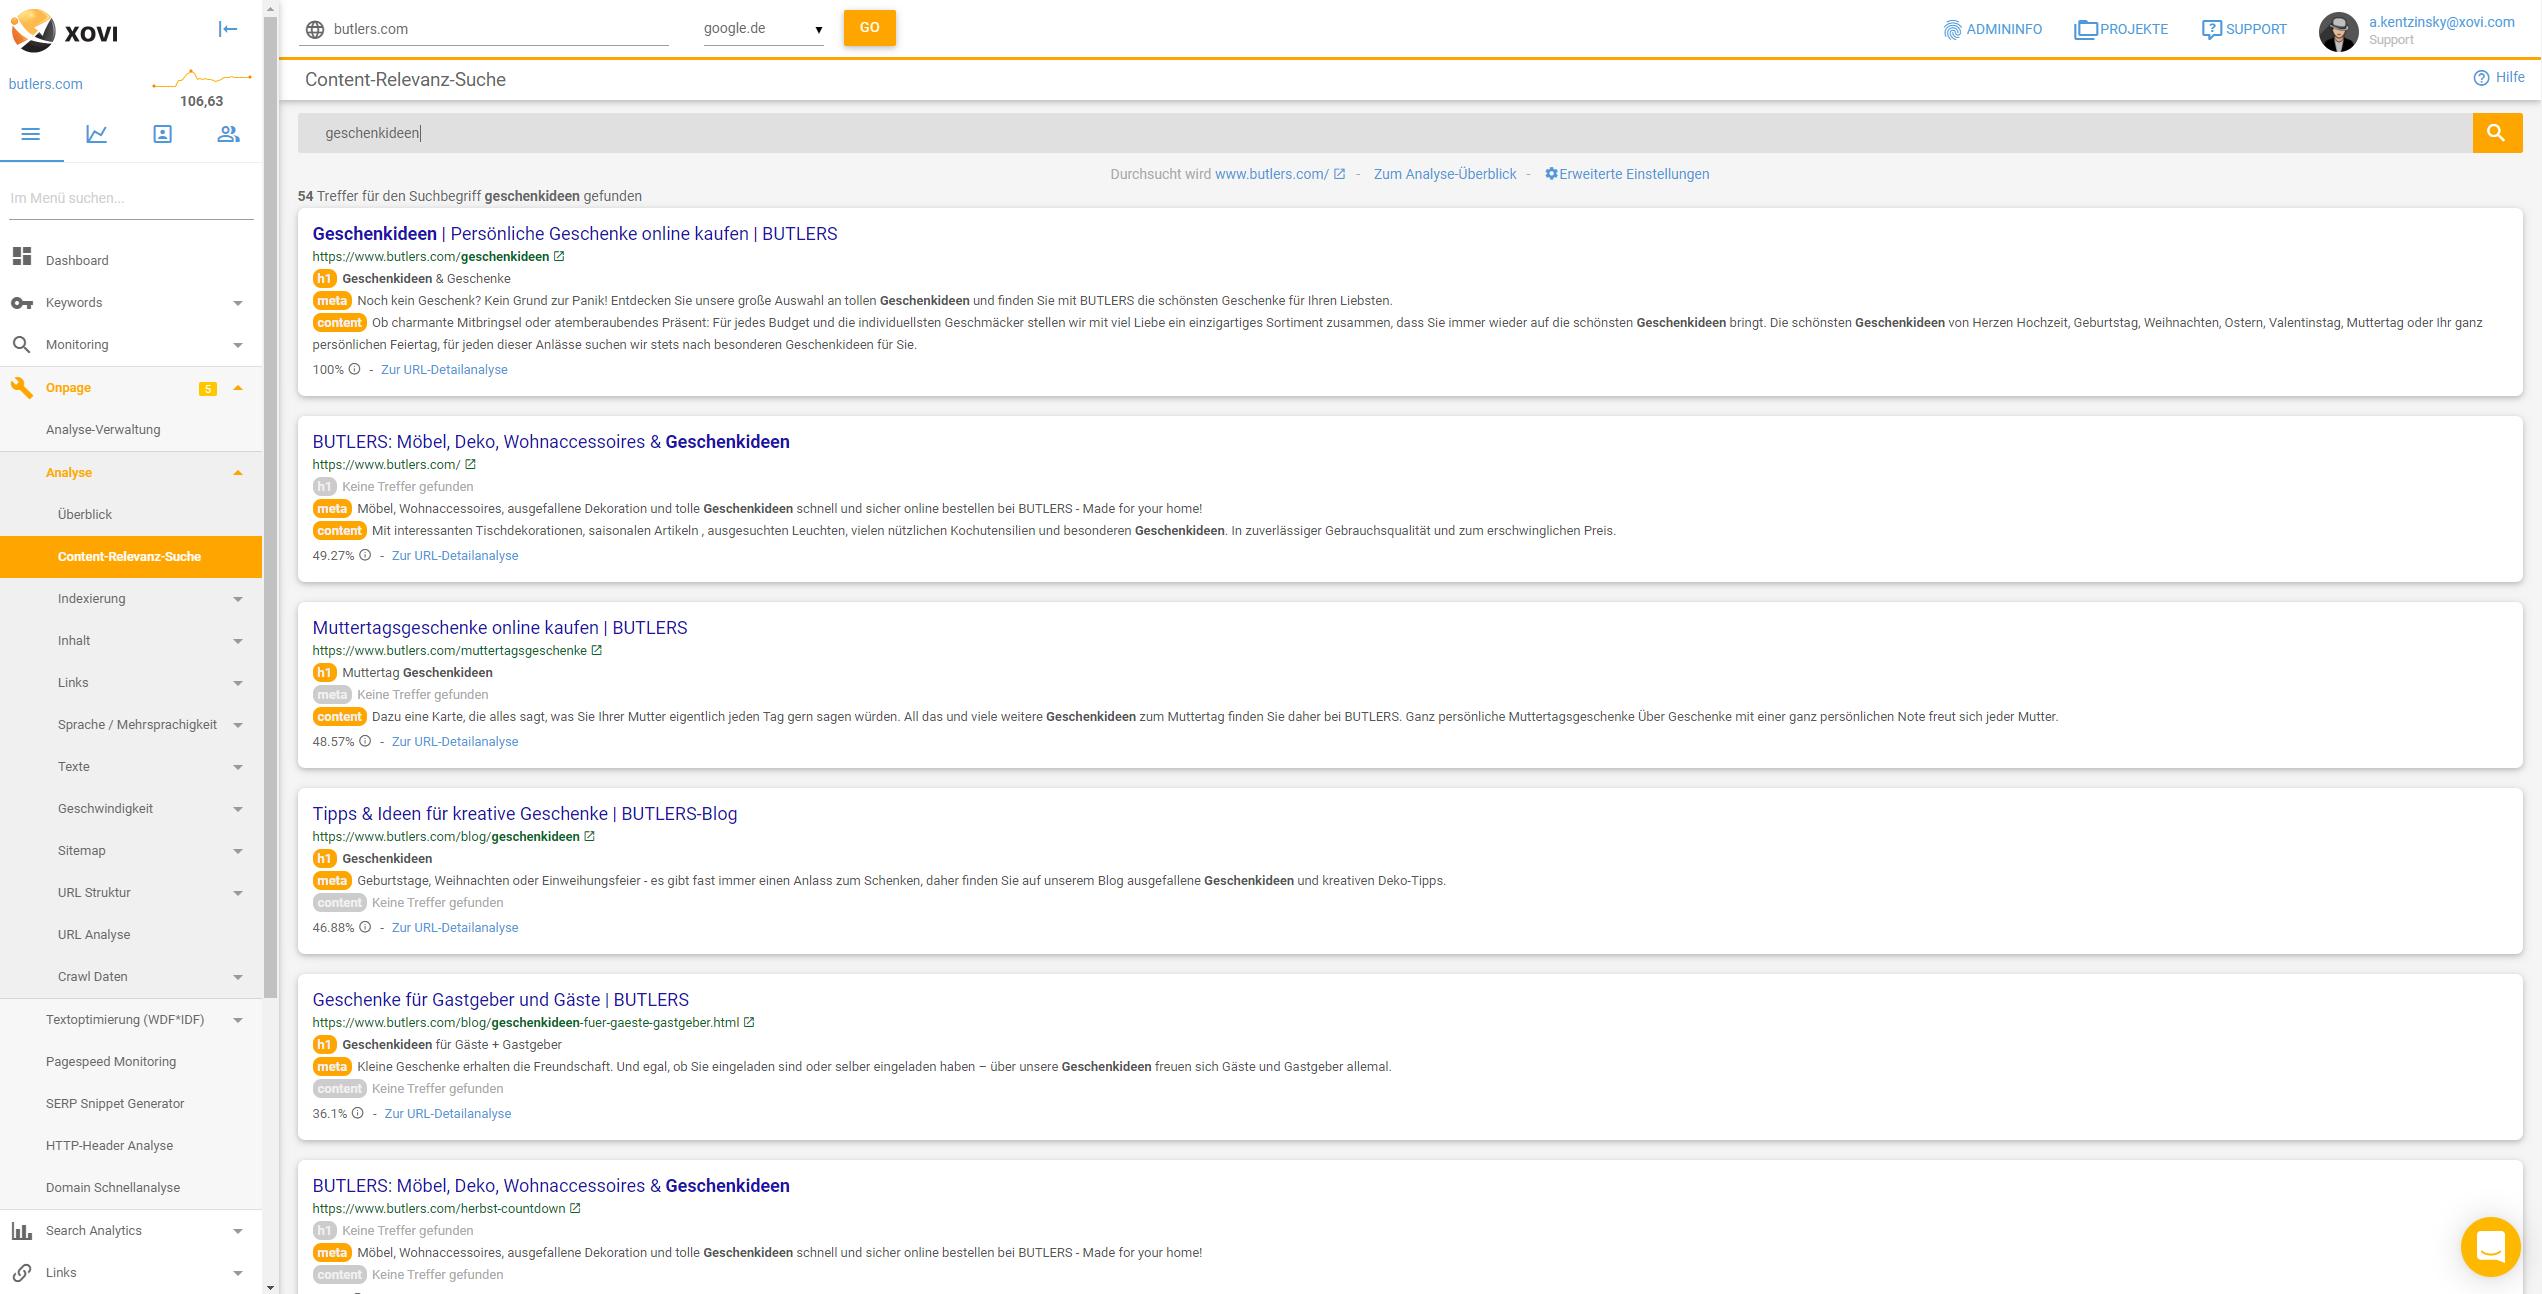 """Screenshot der Suchergebnisse interner Dokumente zum Keyword """"Geschenkideen"""""""